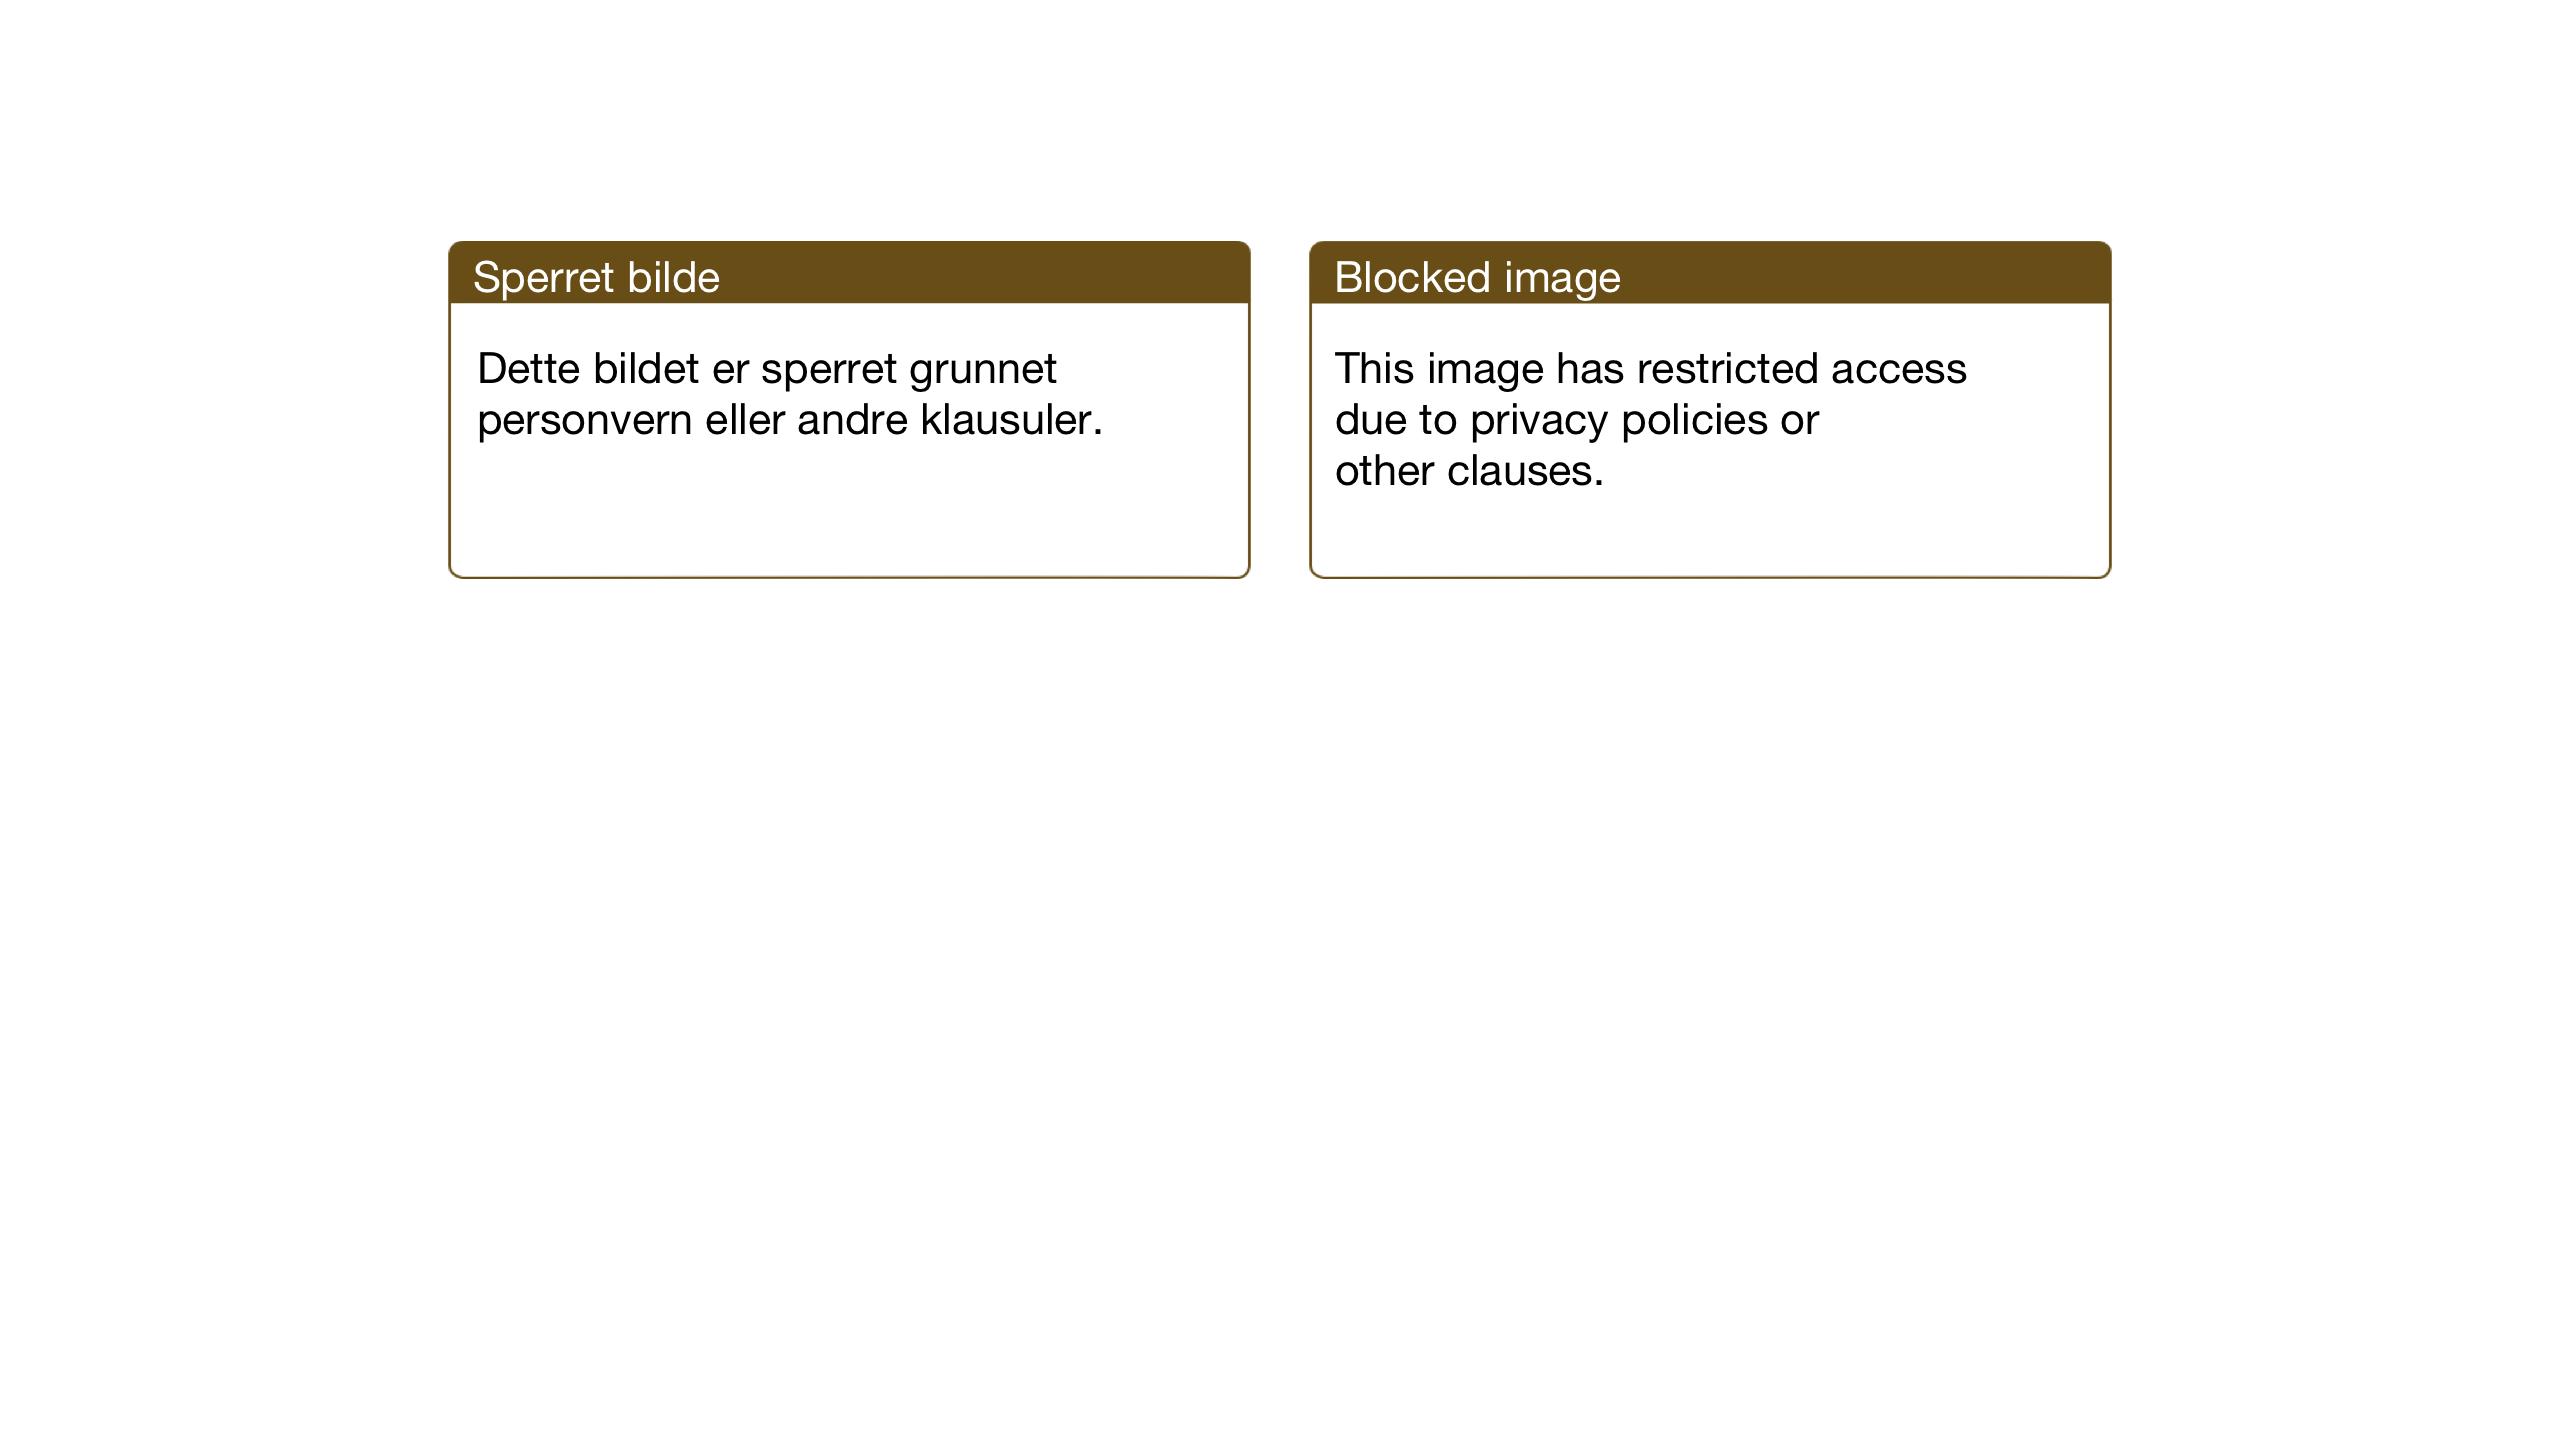 SAT, Ministerialprotokoller, klokkerbøker og fødselsregistre - Nord-Trøndelag, 755/L0500: Klokkerbok nr. 755C01, 1920-1962, s. 27